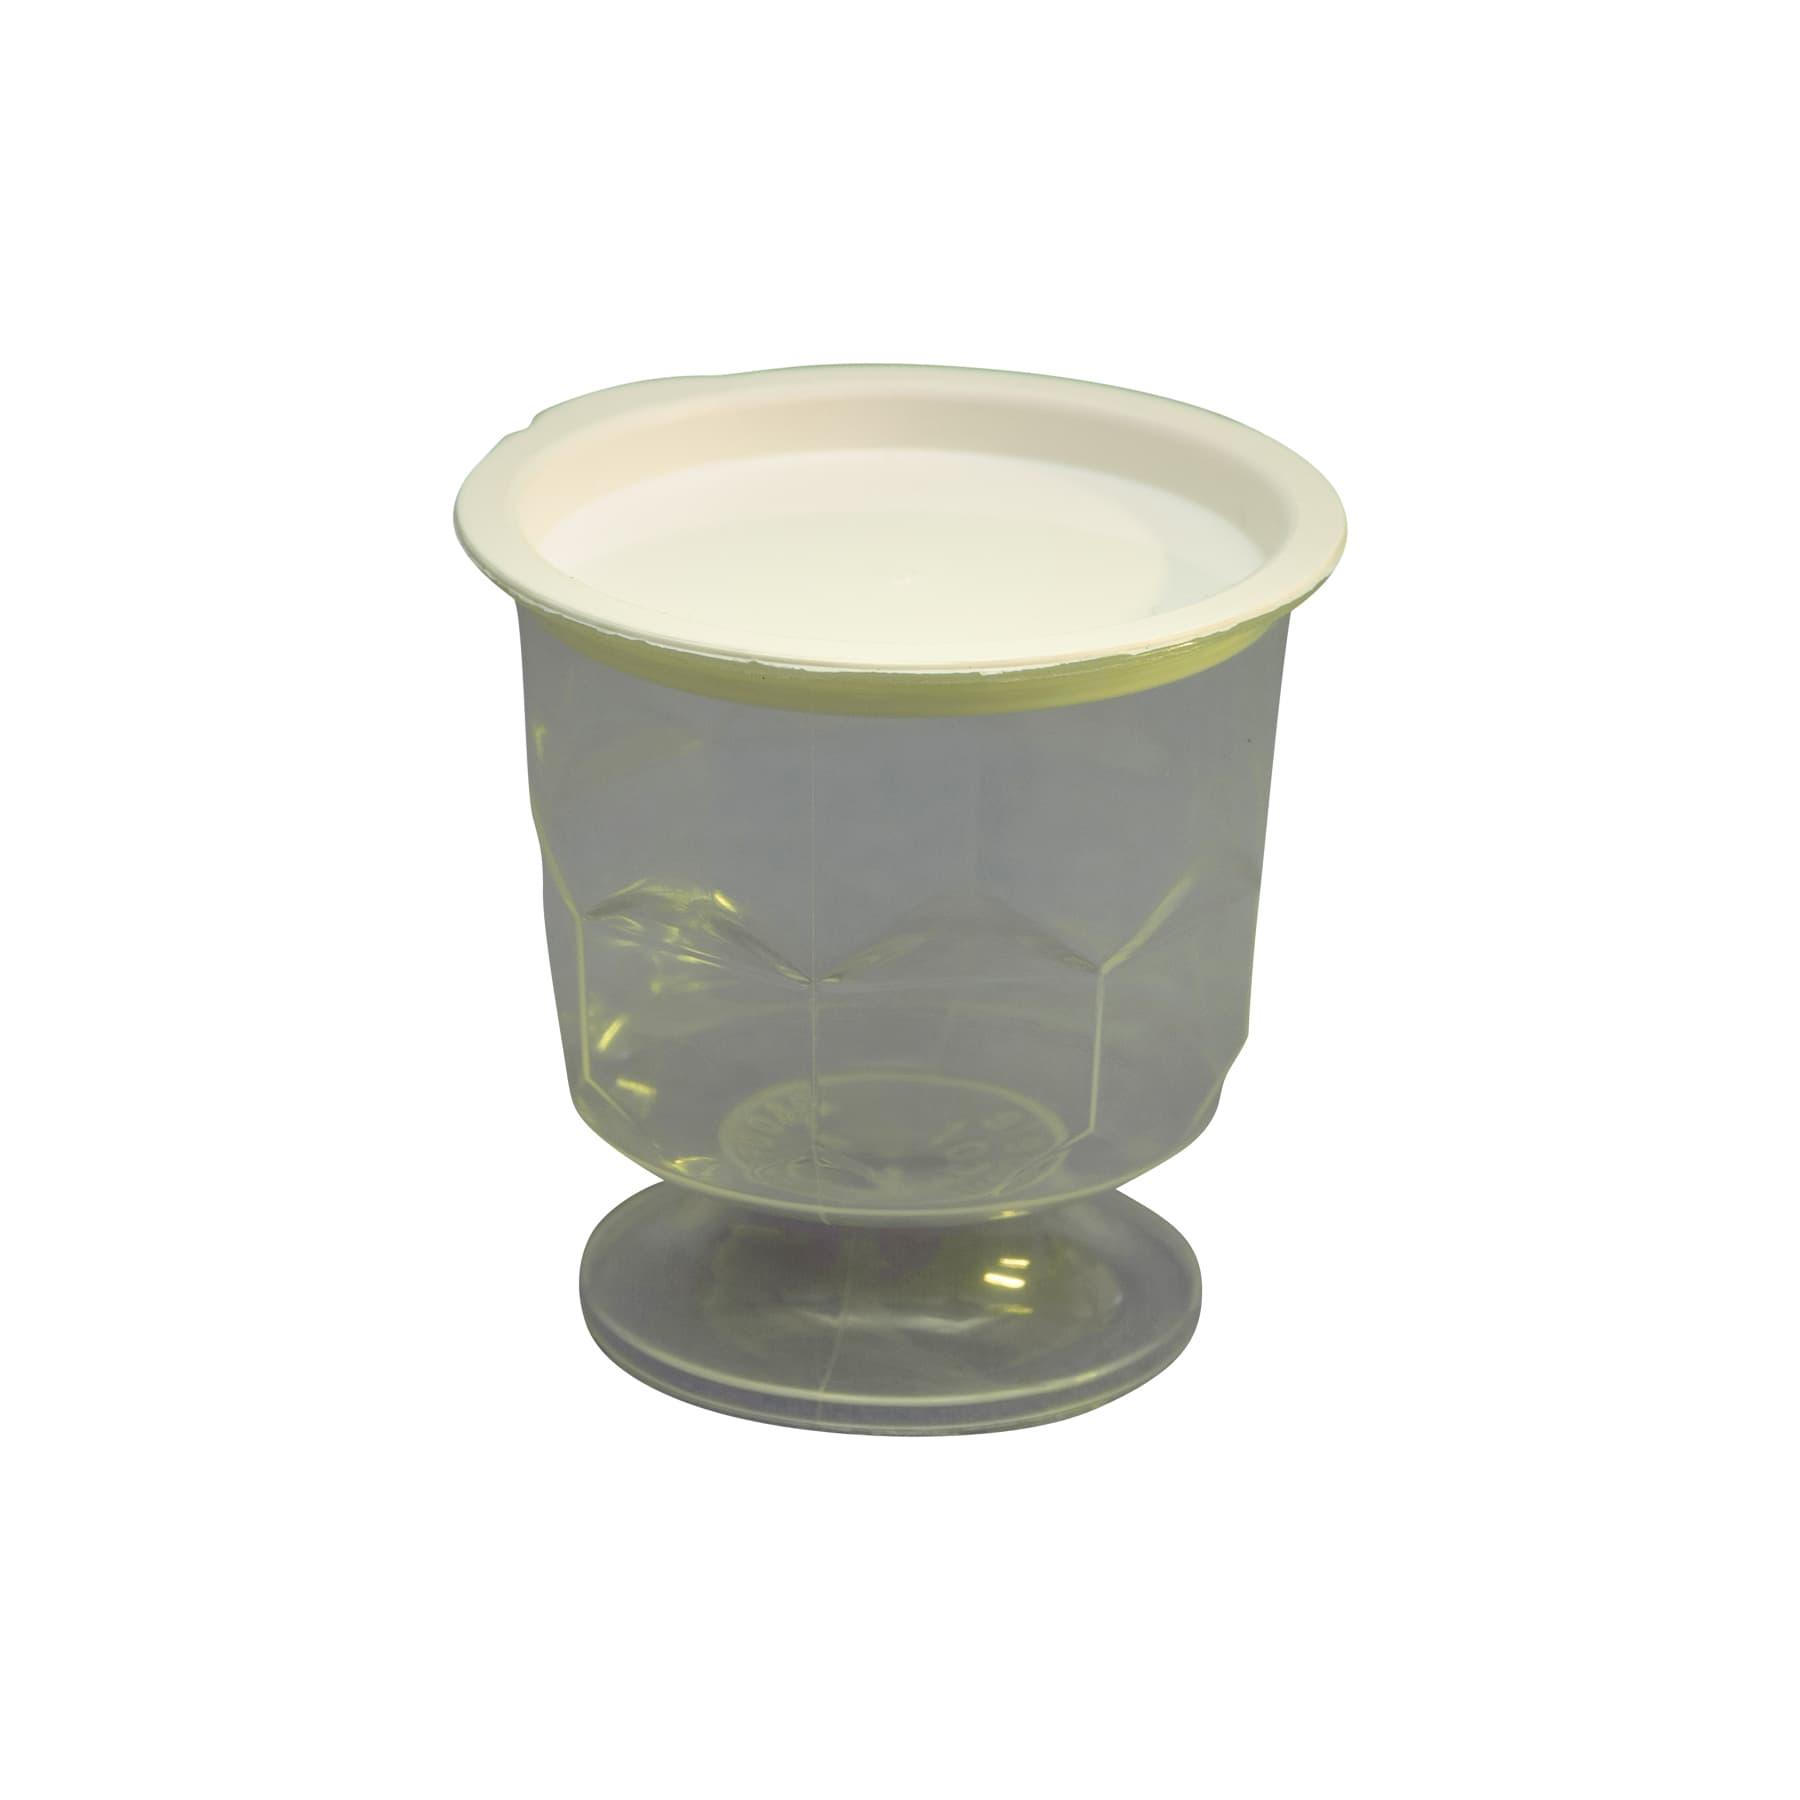 Probierbecher klar, mit Fuß und Deckel original Nicot  f. ca. 30 g Honig